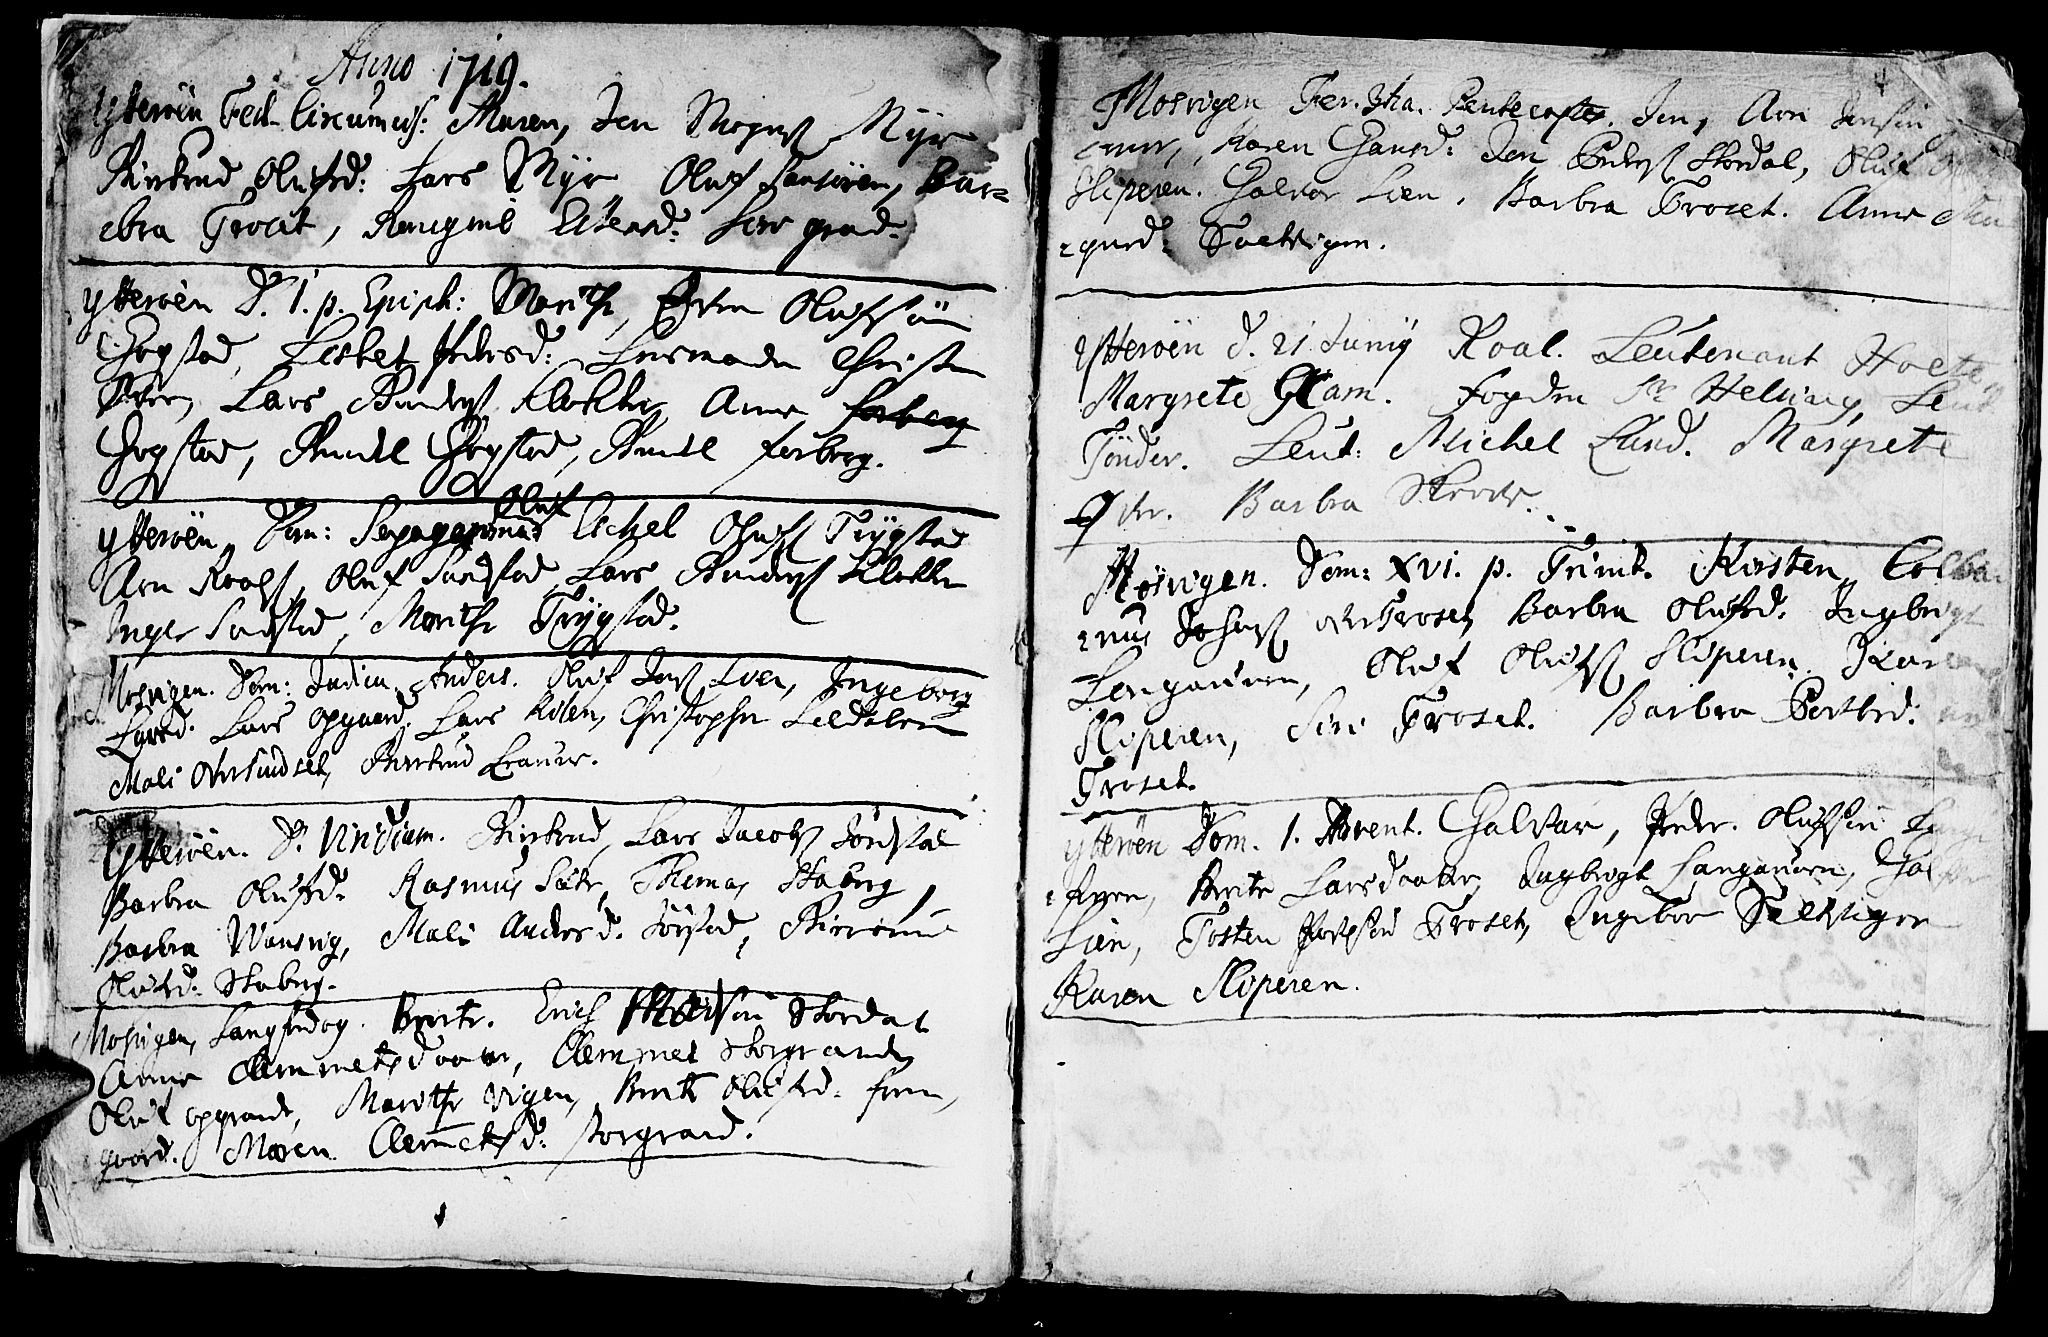 SAT, Ministerialprotokoller, klokkerbøker og fødselsregistre - Nord-Trøndelag, 722/L0215: Ministerialbok nr. 722A02, 1718-1755, s. 4